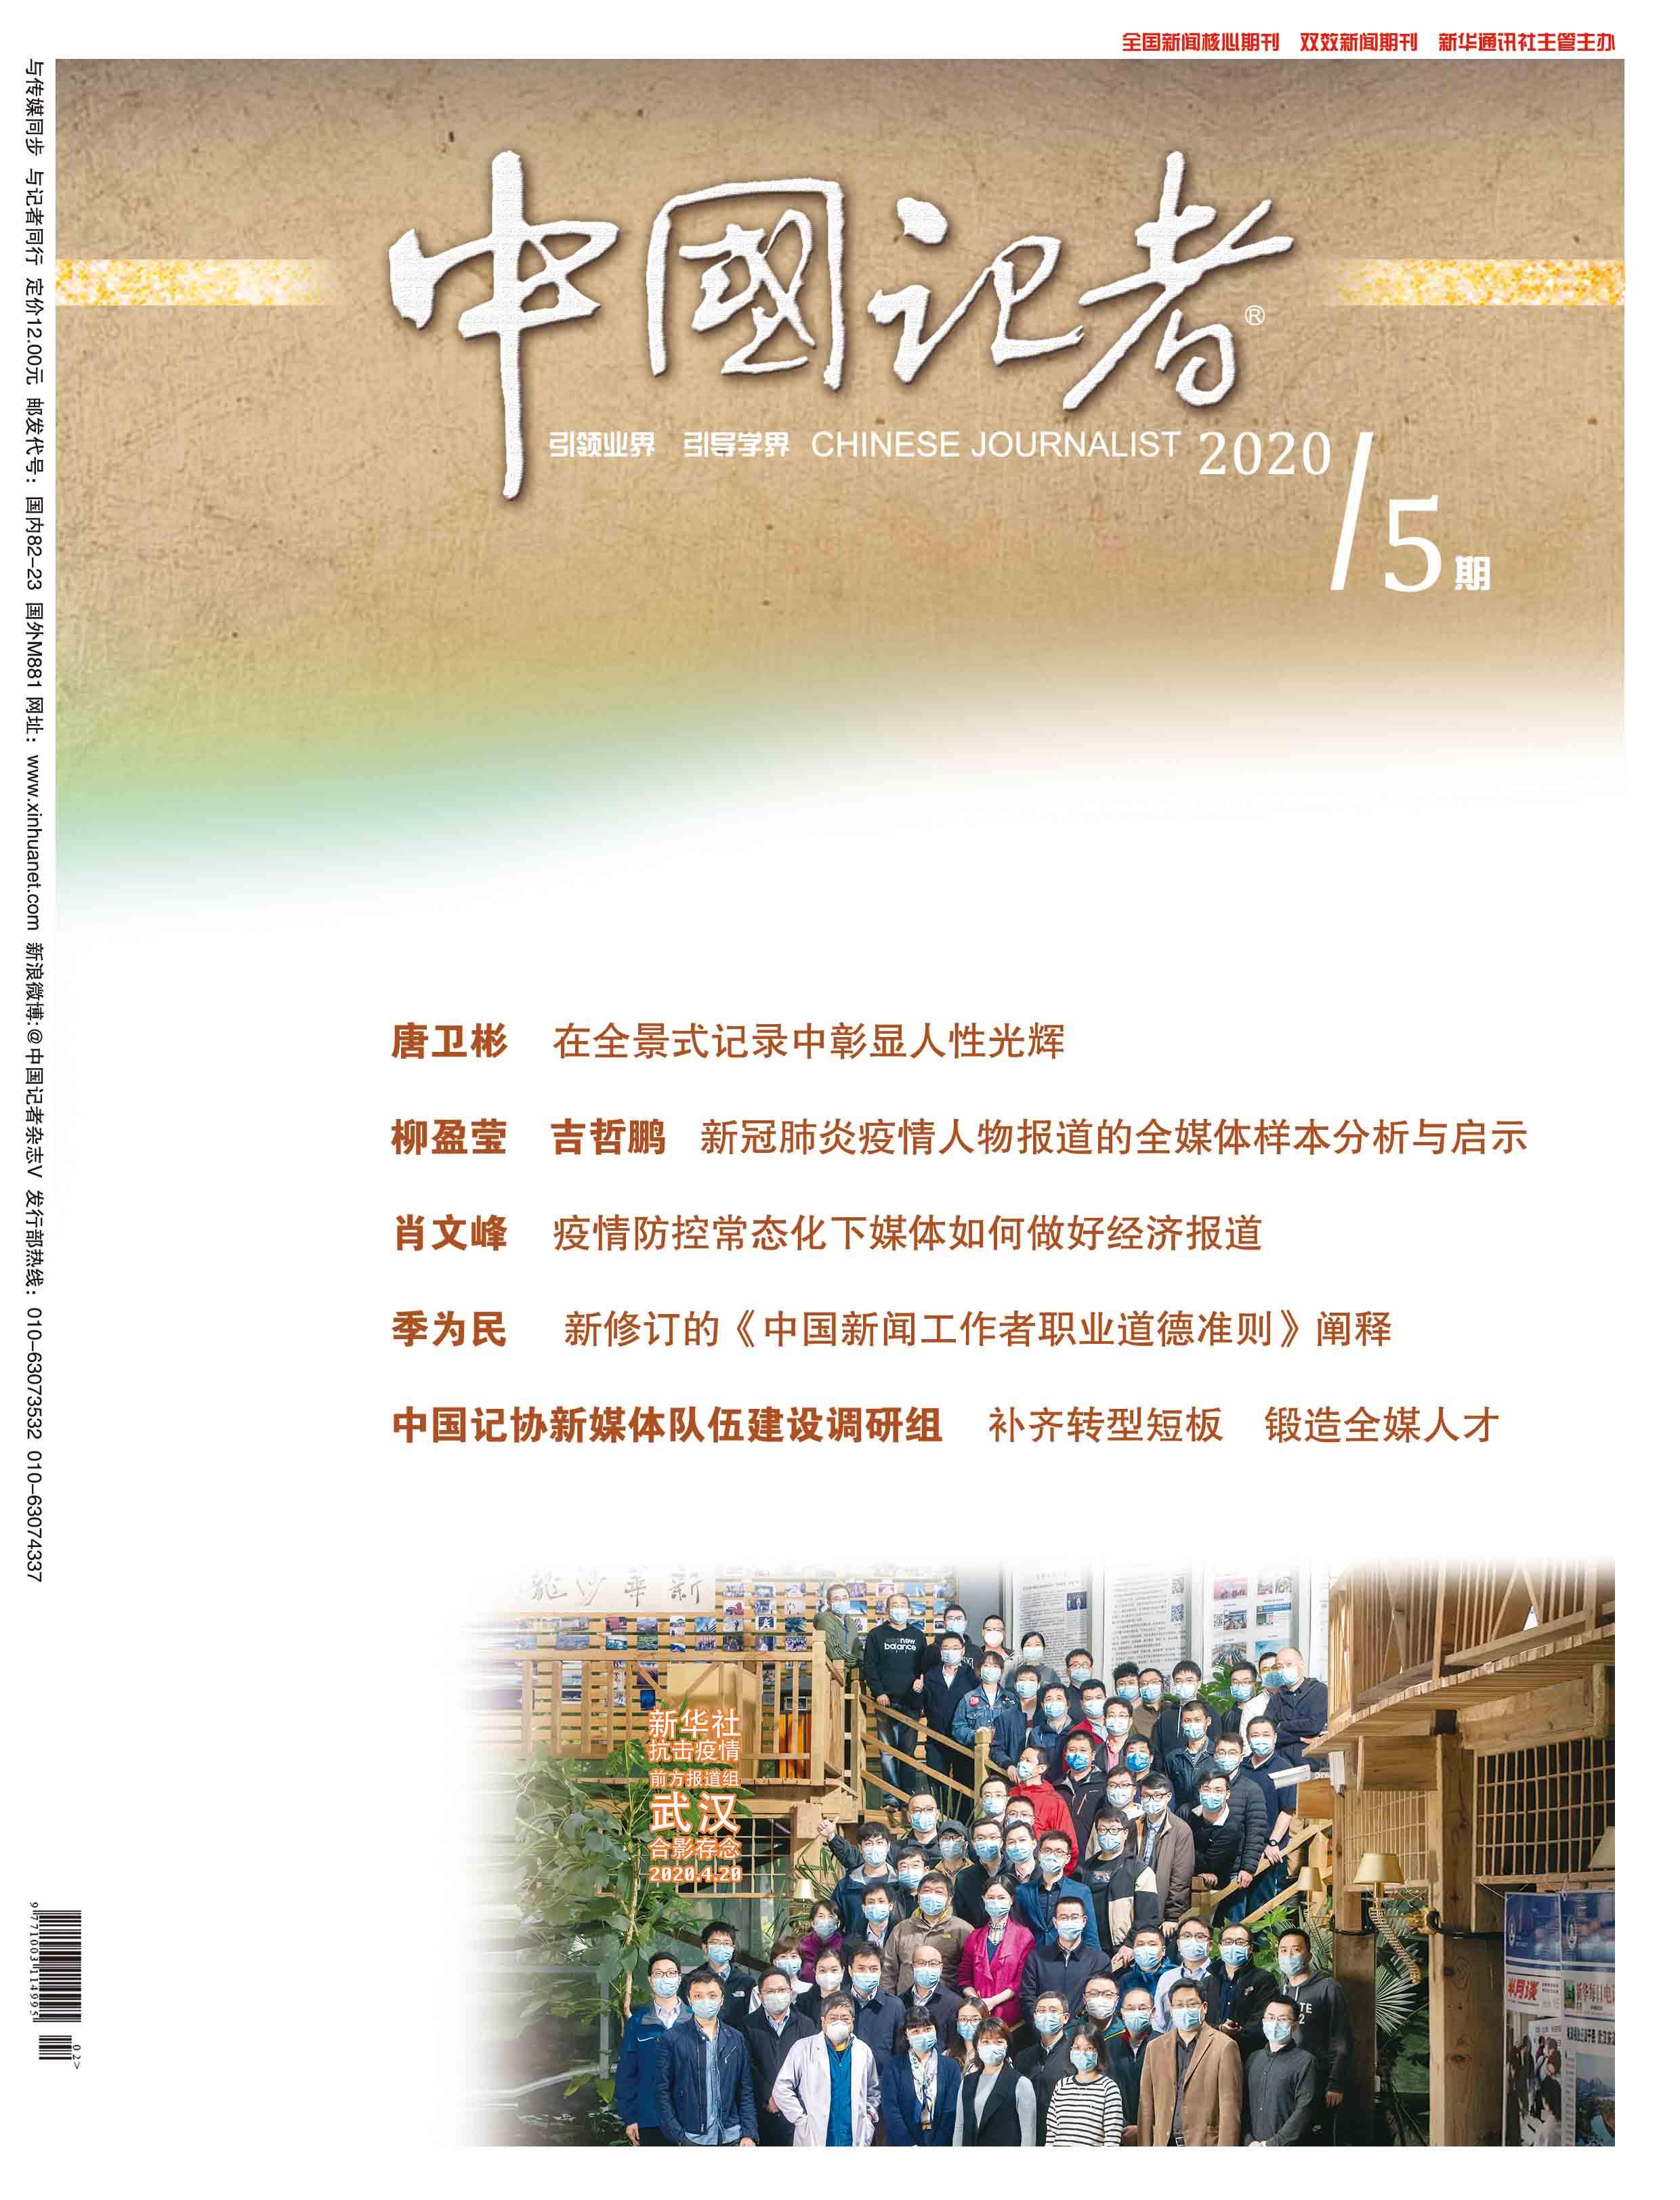 中國記者2020年第5期封面